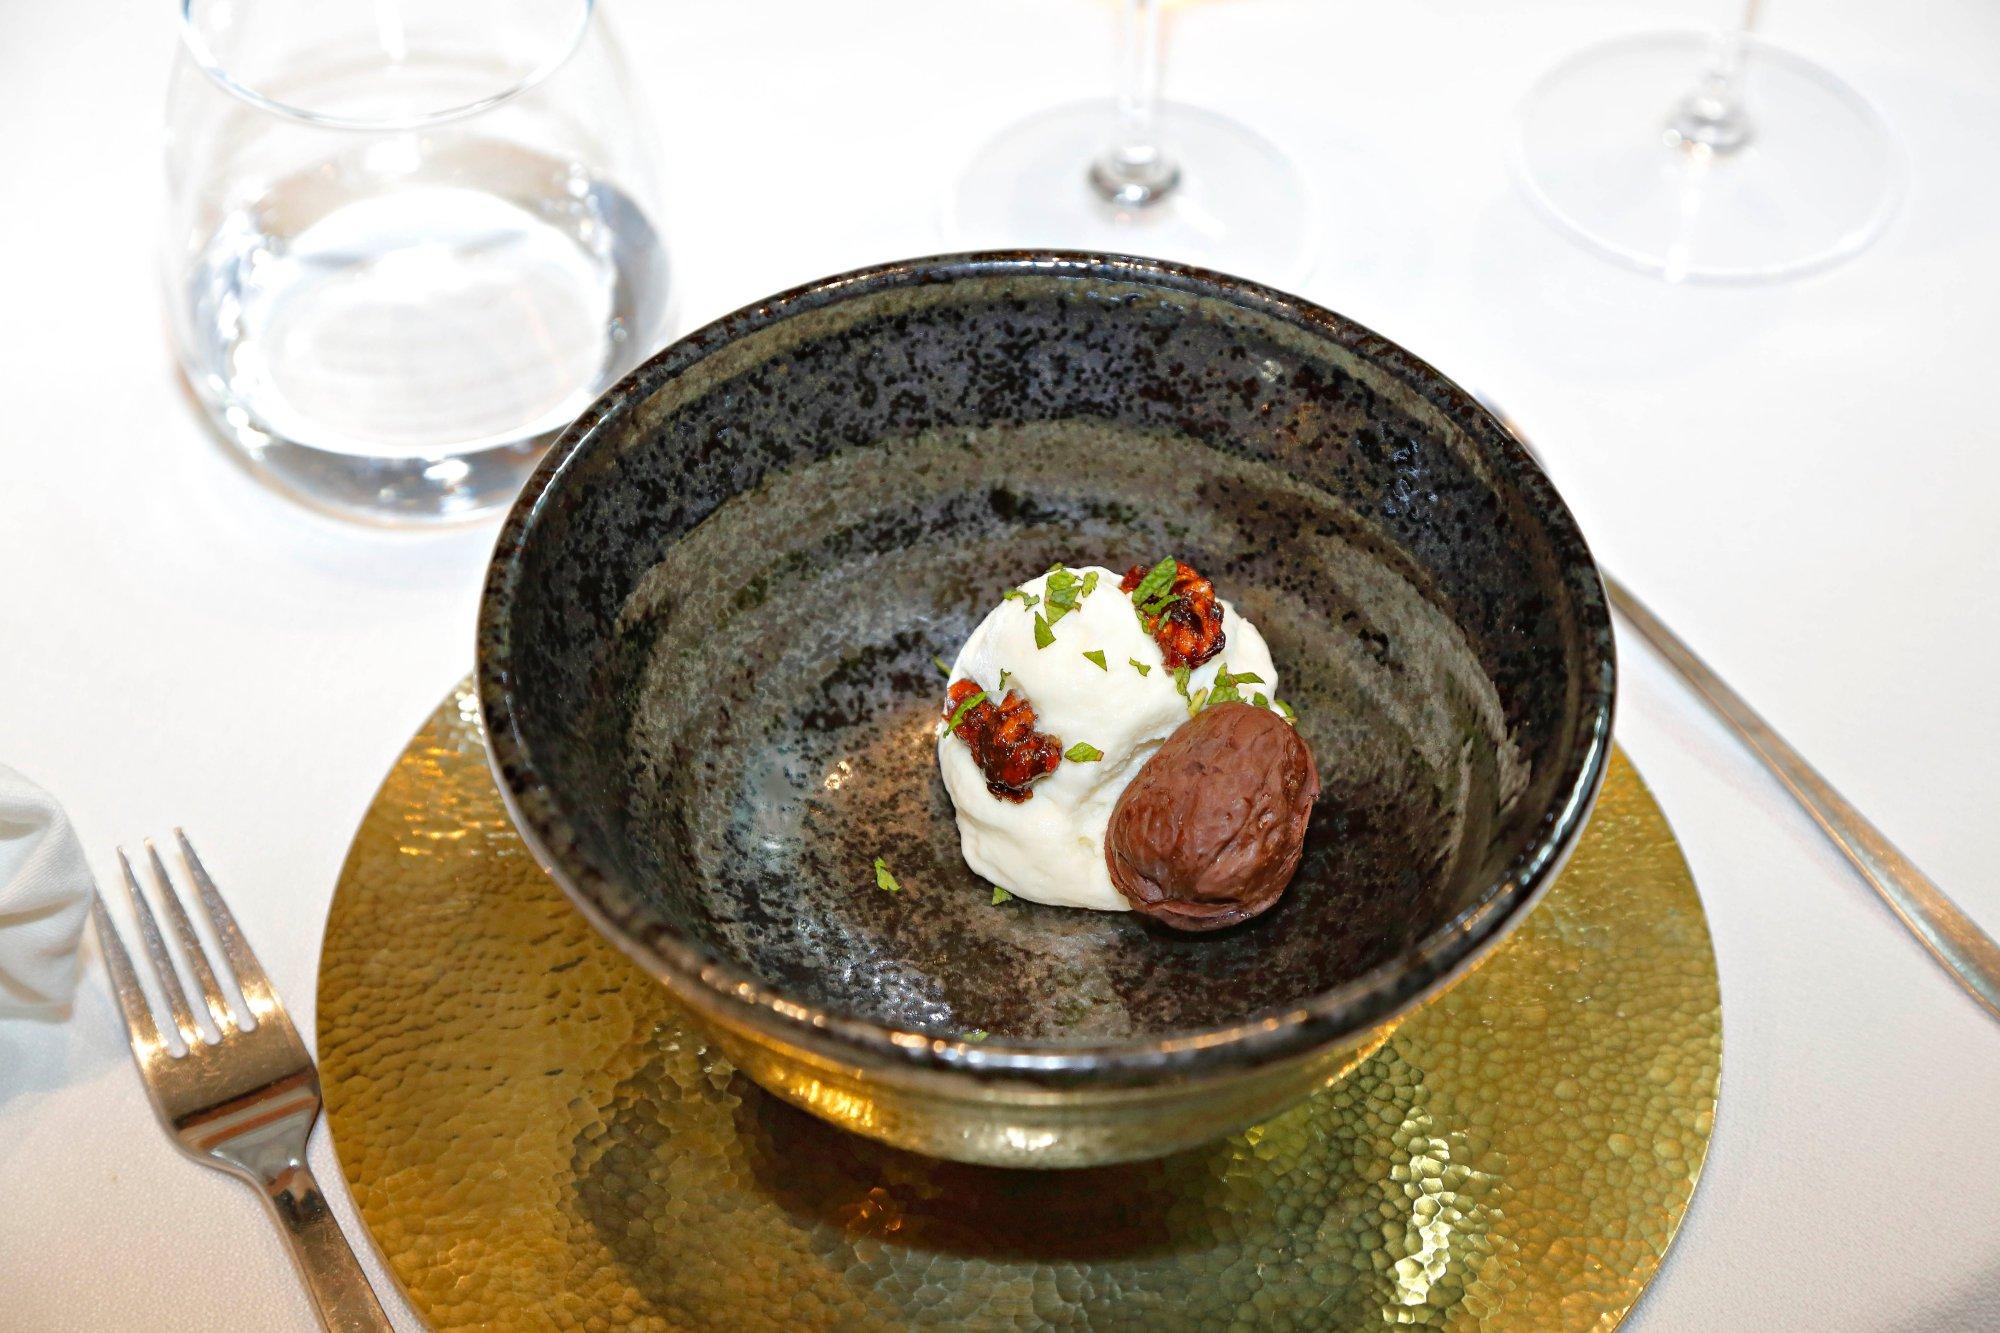 Mousse de queso Idiazábal con membrillo fermentado y falsa nuez.